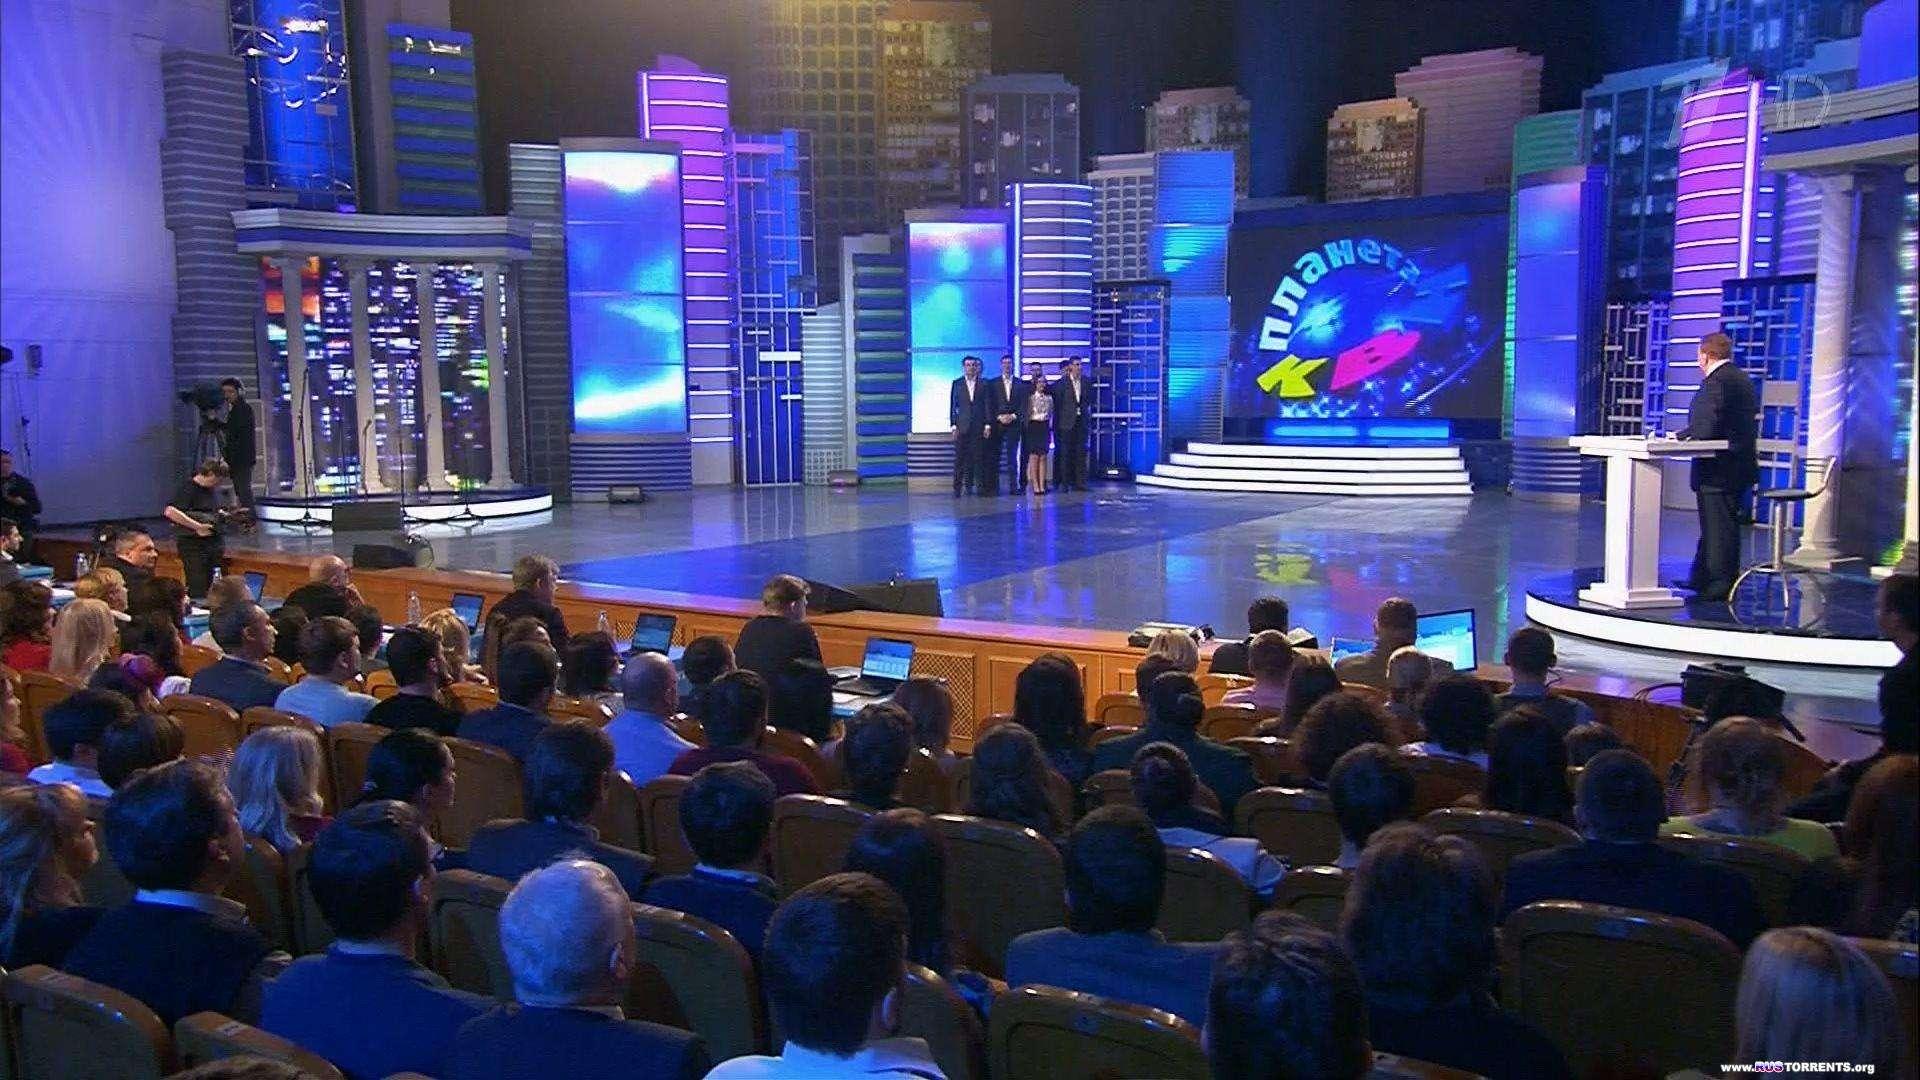 КВН-2014. Высшая лига. Третья 1/8 финала [эфир от 30.03] | HDTV 1080i